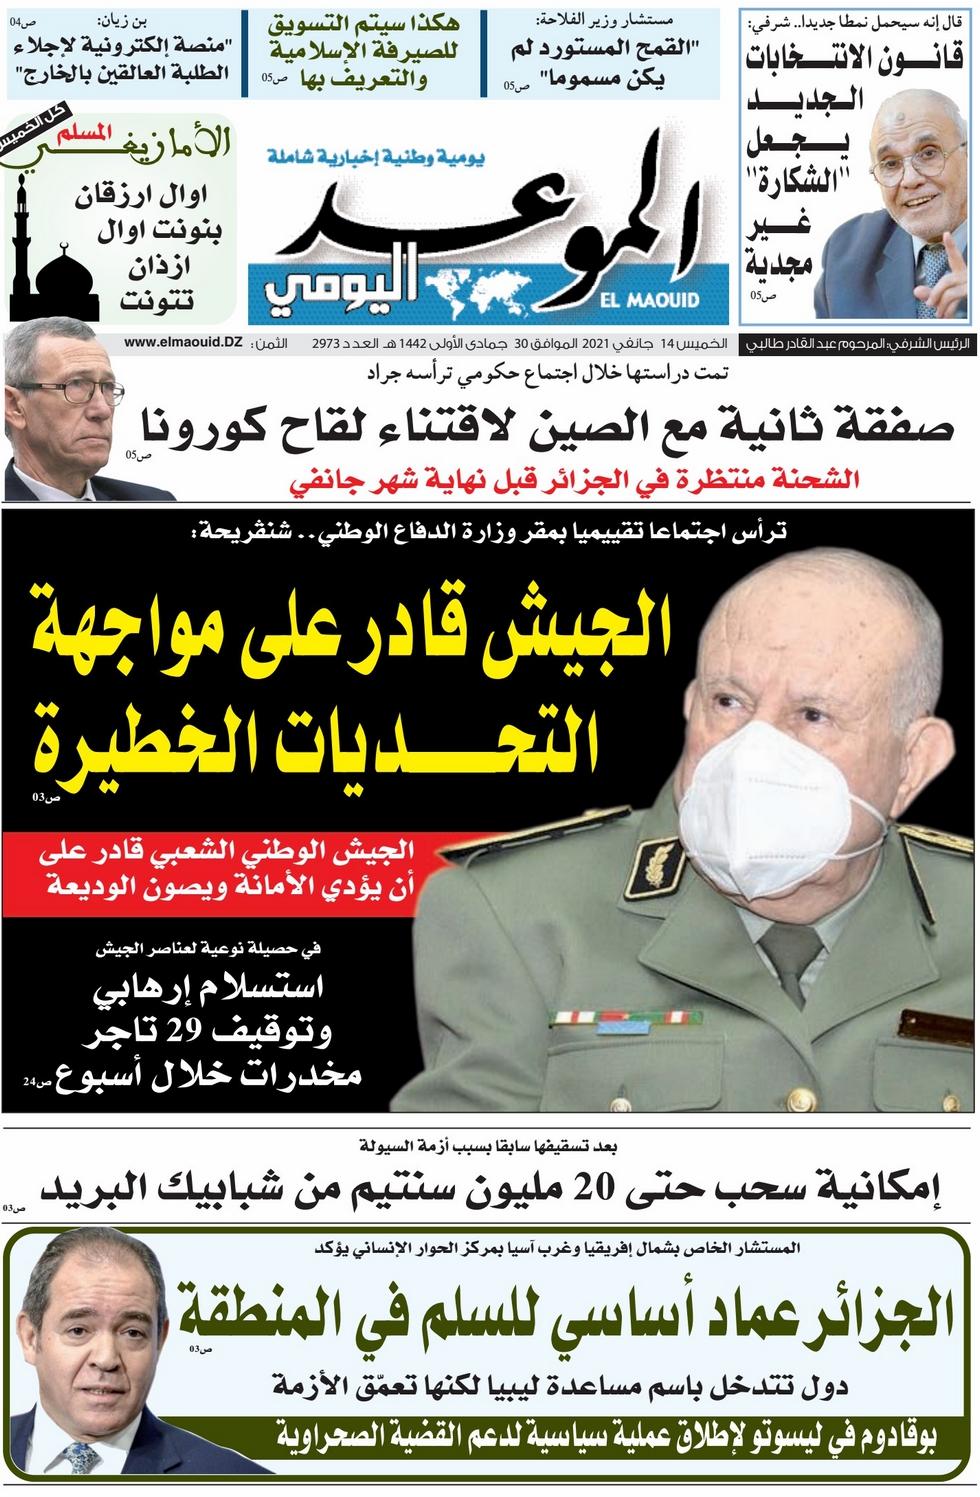 جريدة الموعد اليومي 14 جانفي 2021 - الجزائر